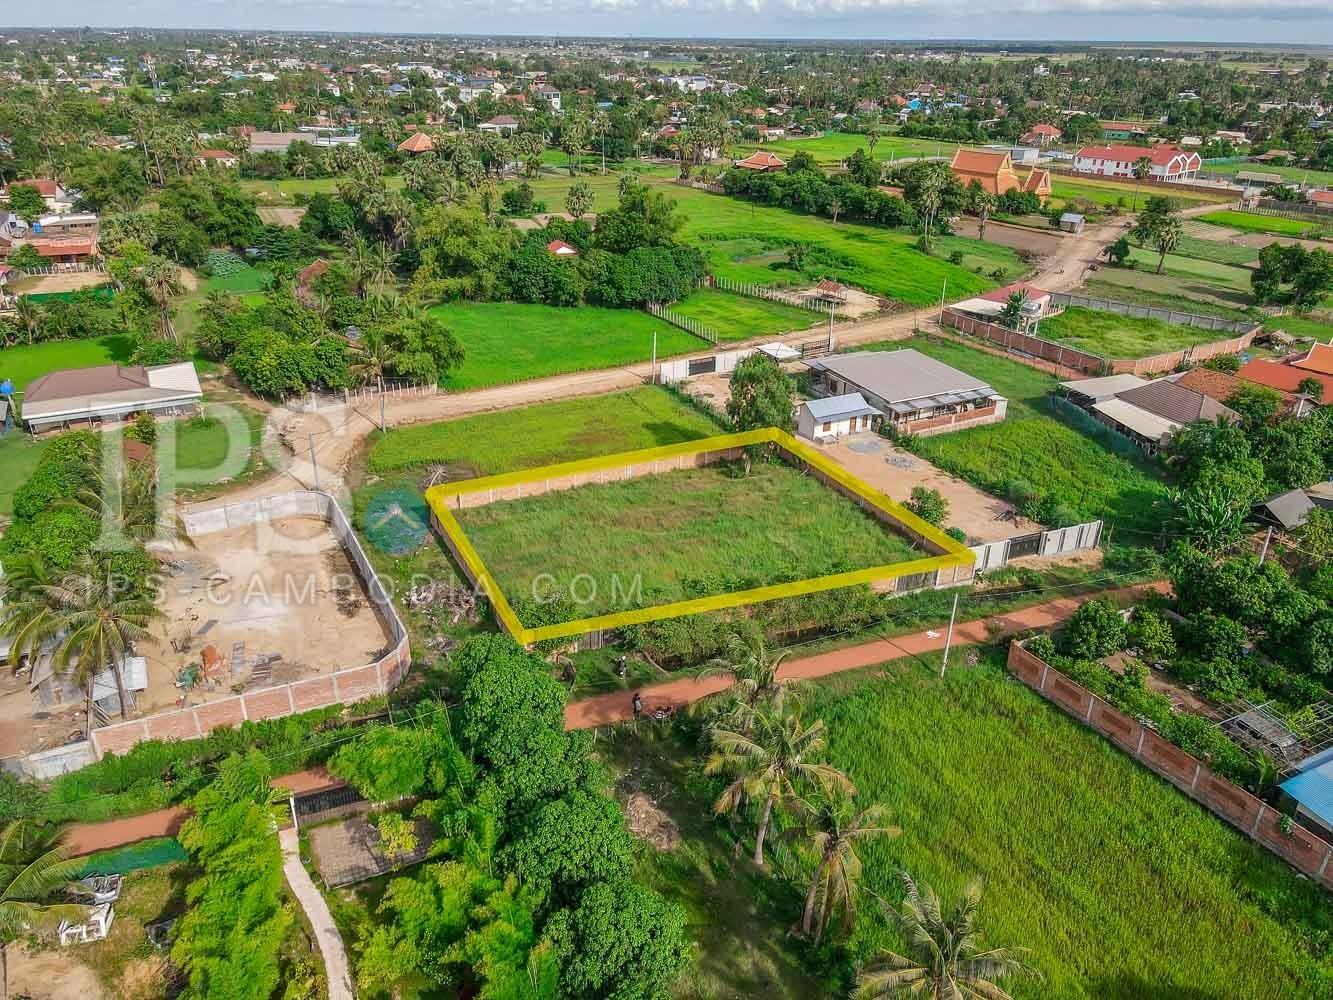 1136 Sqm Land  For Sale - Chreav, Siem Reap